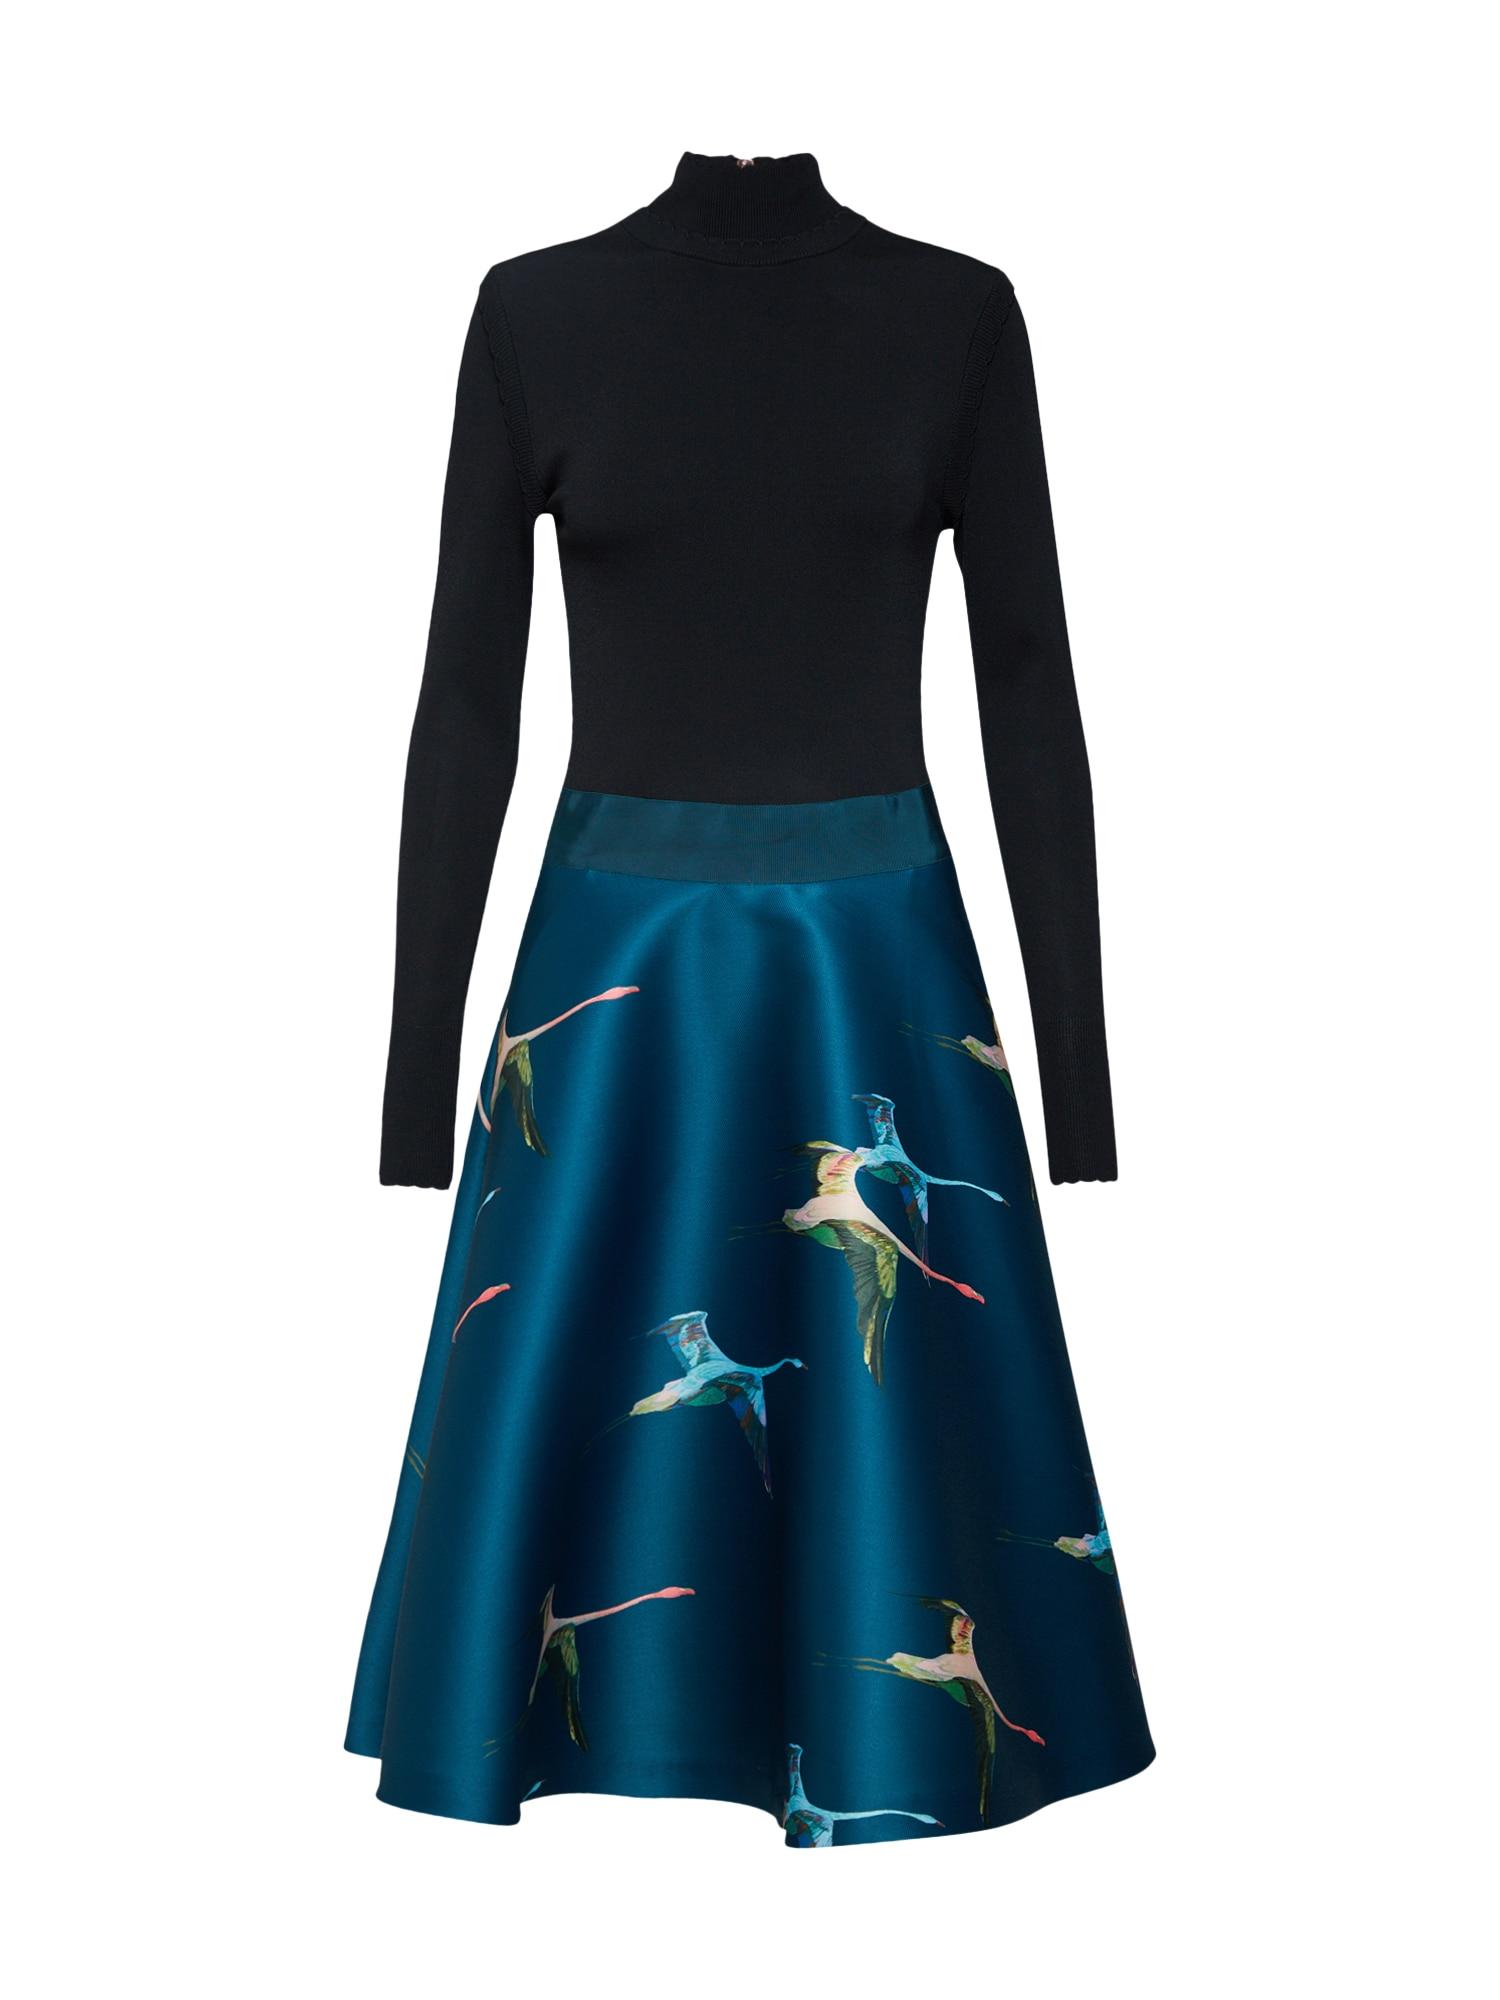 Šaty ABIISE tmavě modrá černá Ted Baker